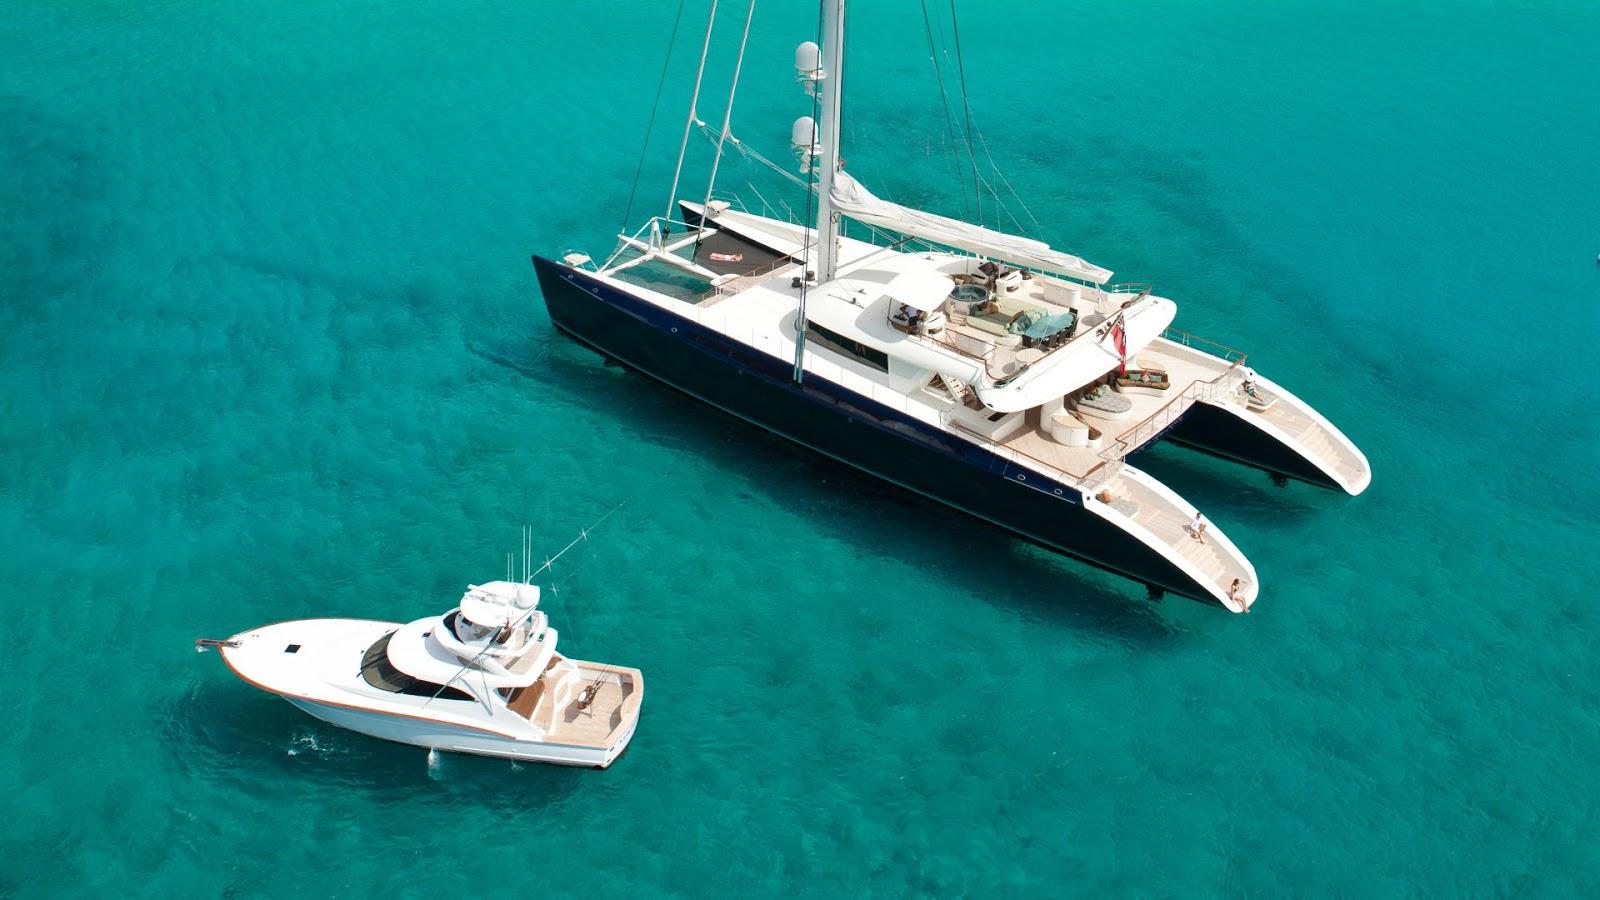 alquiler de catamaranes en ibiza. alquiler catamaranes ibiza. alquiler de catamaranes en ibiza. alquiler catamaranes ibiza. alquilar catamaranes en ibiza.  de alquiler en ibiza